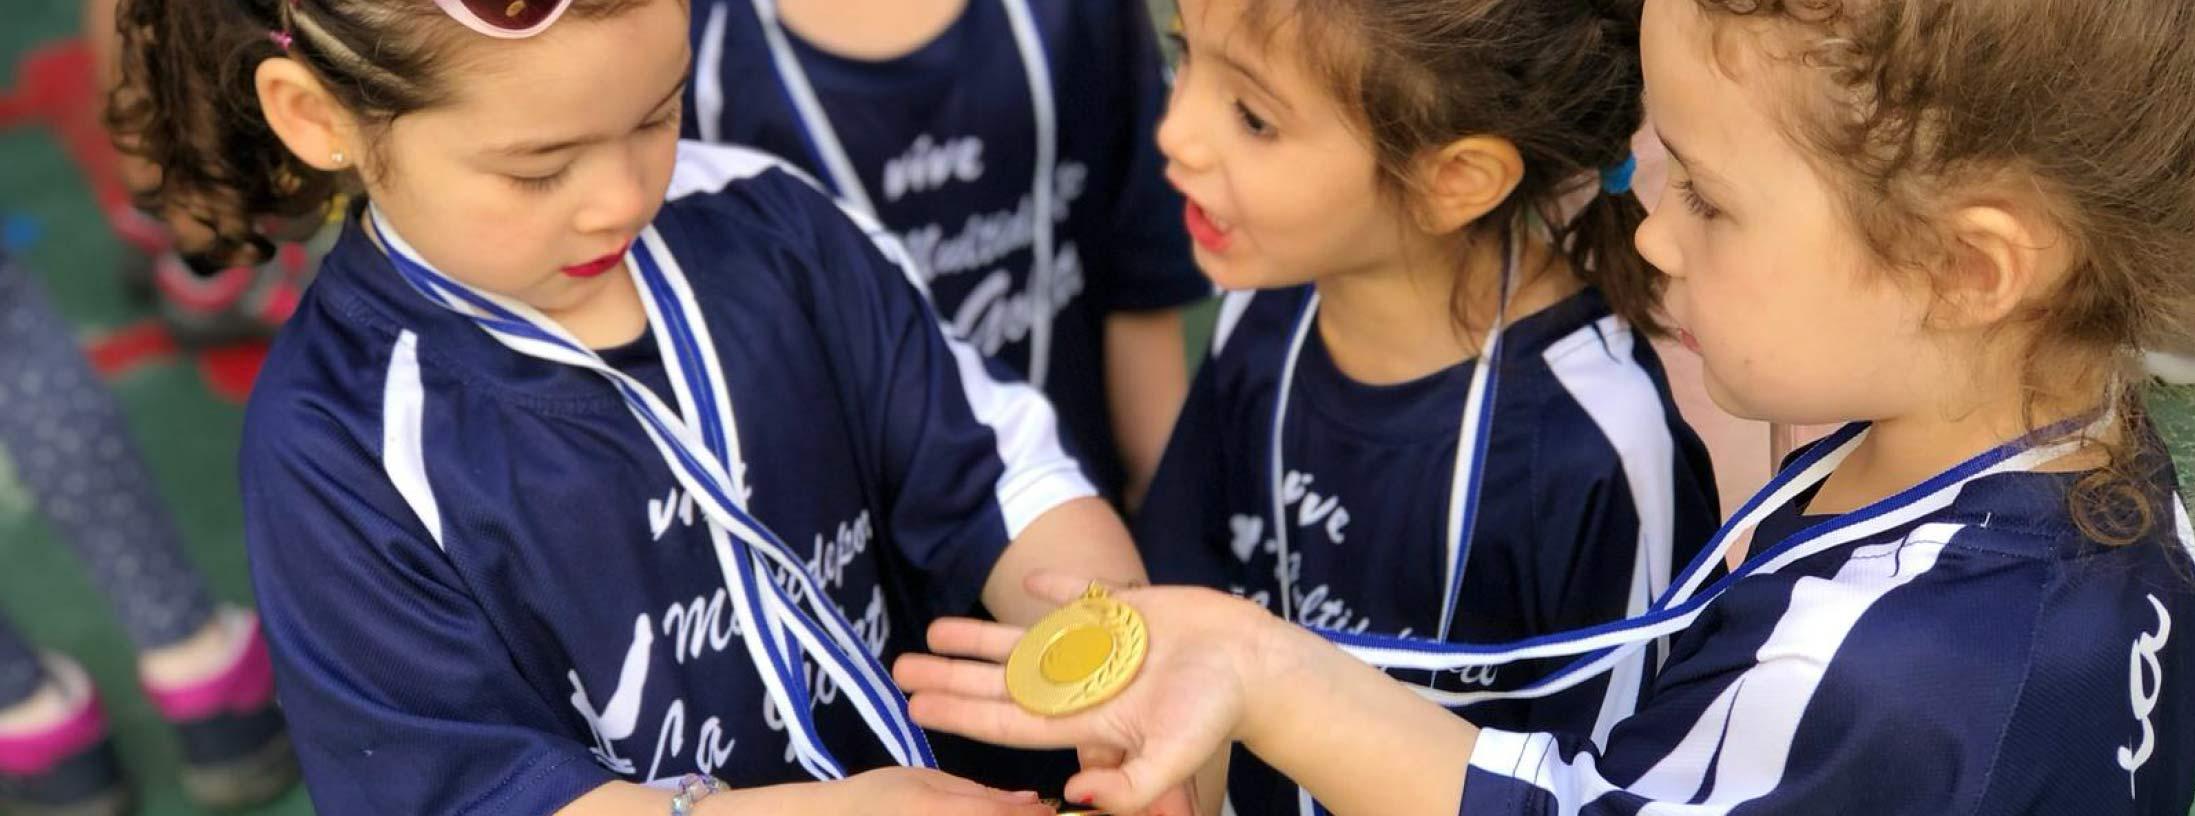 deportividad como valor en niños y niñas